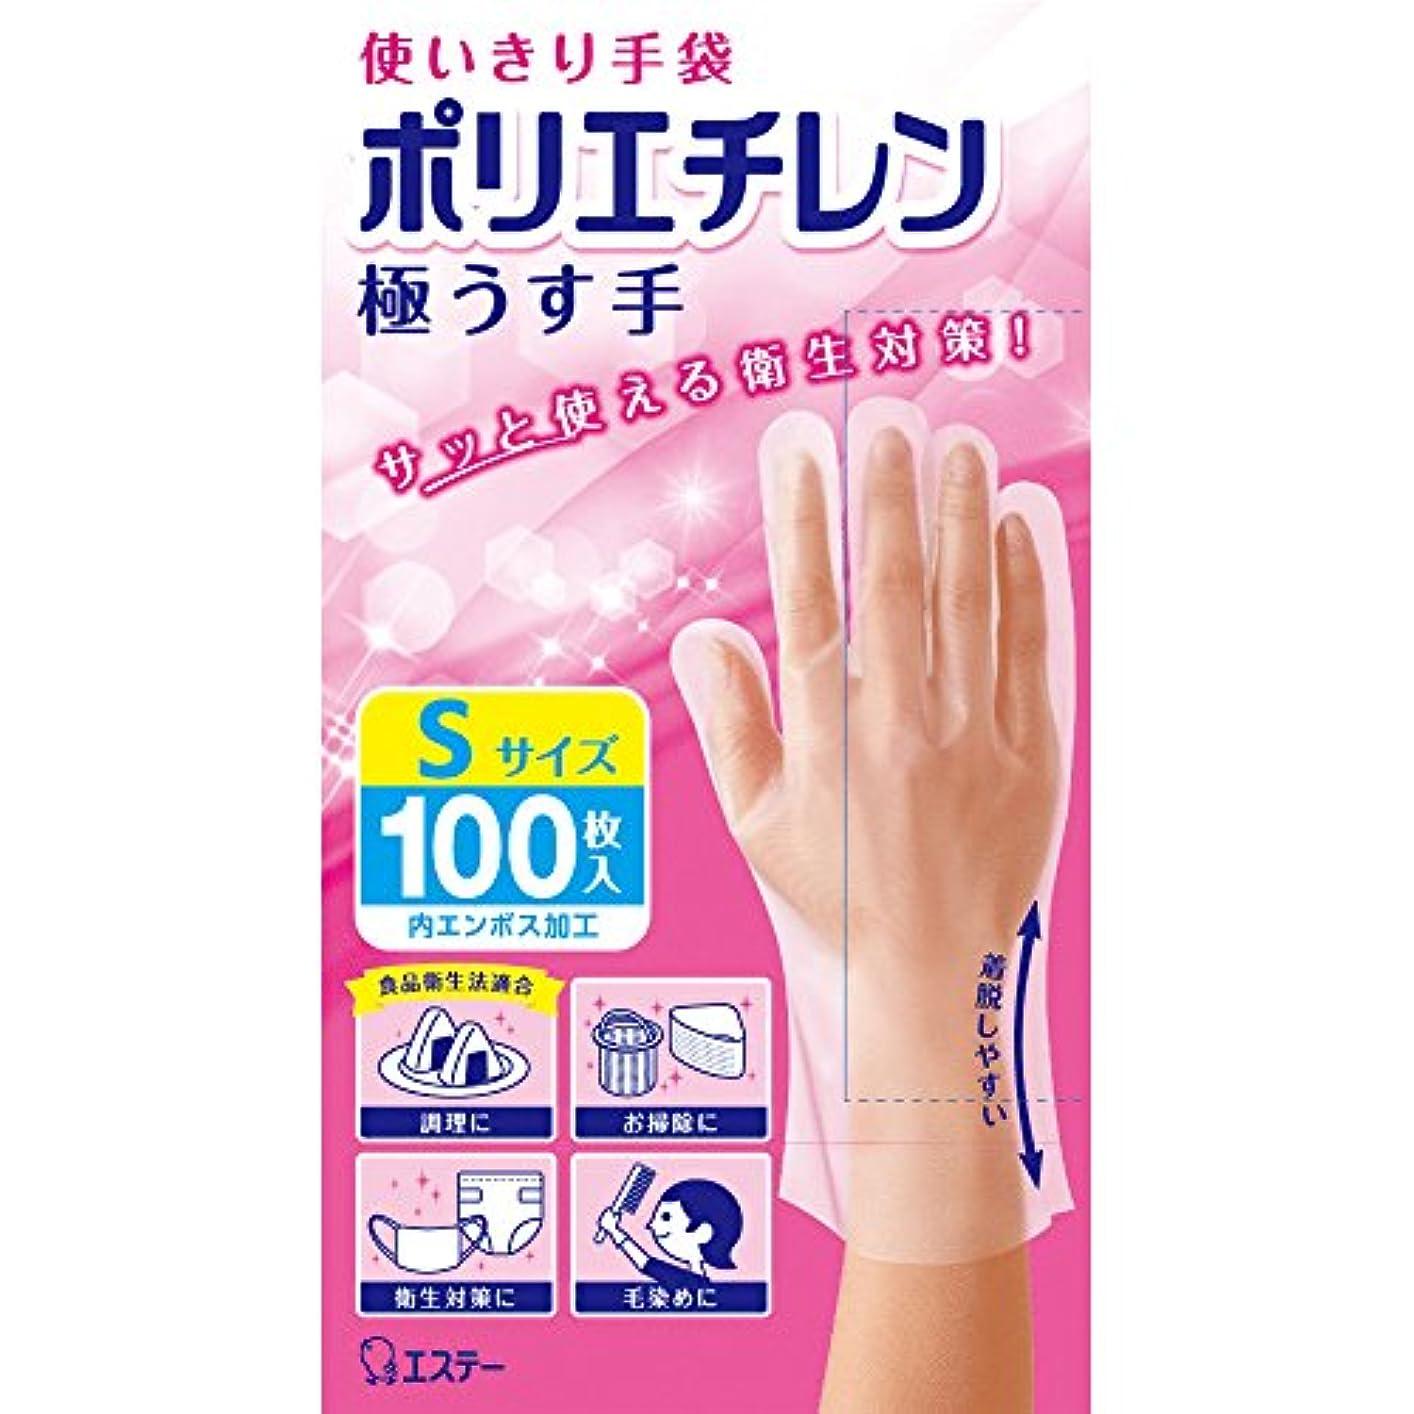 恵み公爵夫人矩形使いきり手袋 ポリエチレン 極うす手 Sサイズ 半透明 100枚